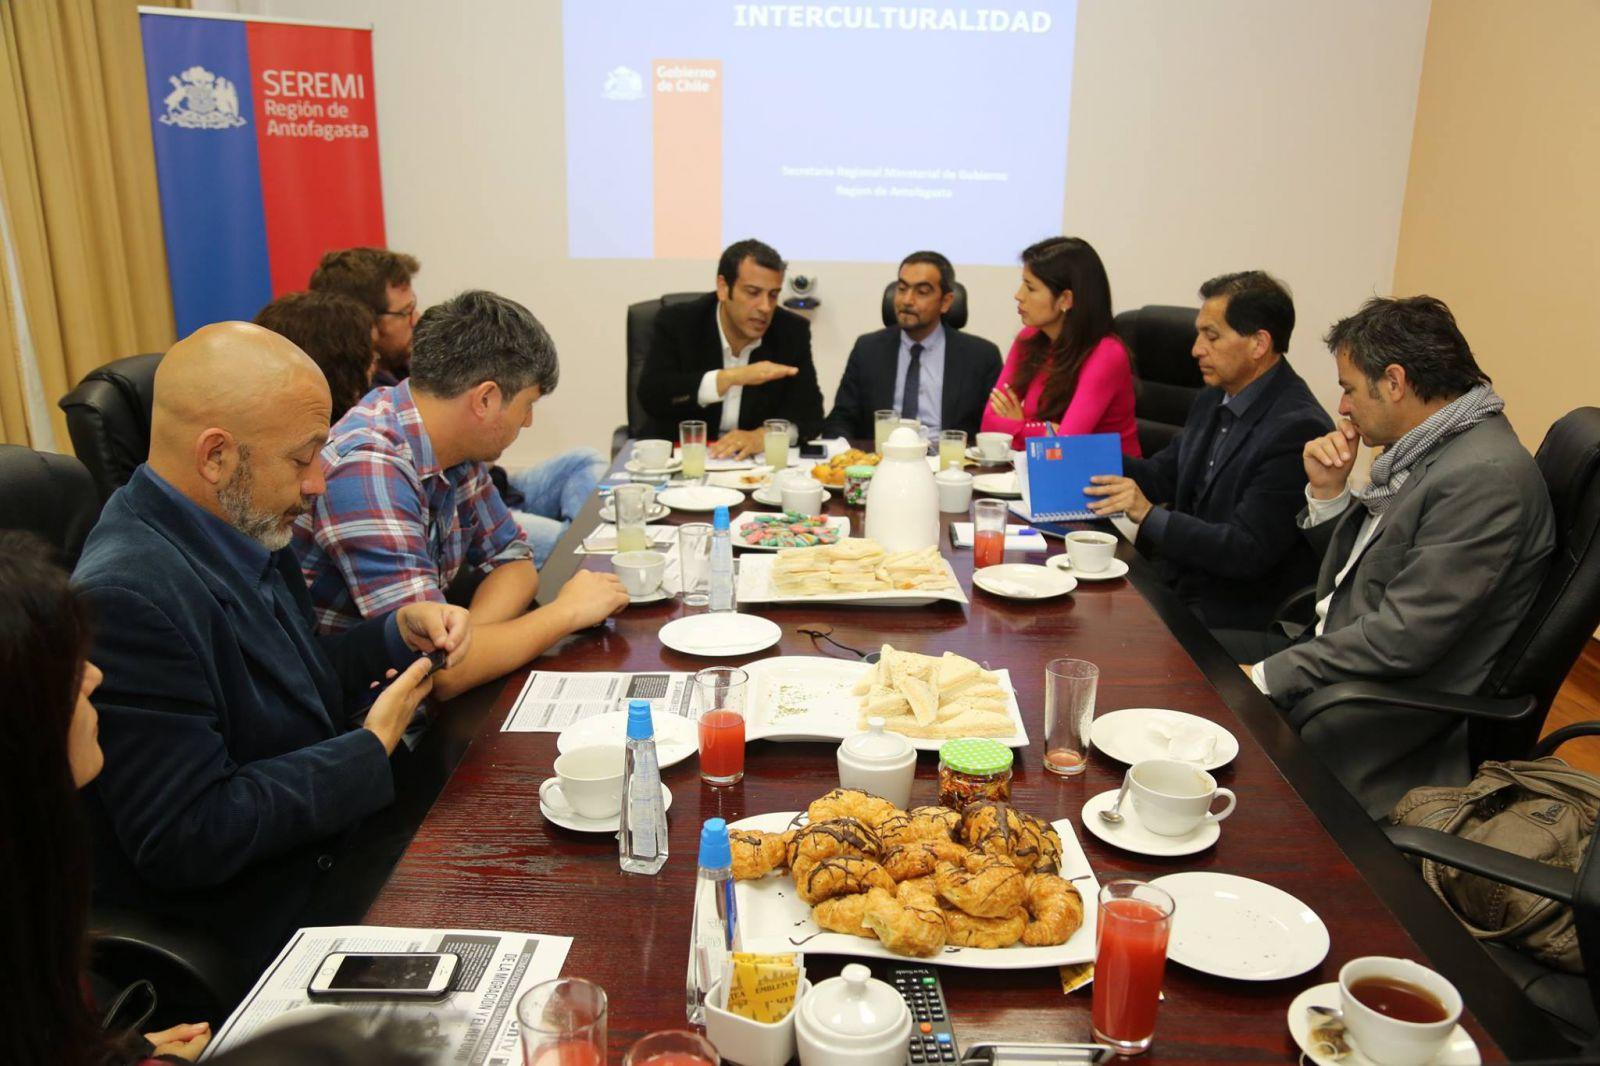 analizan-el-papel-de-los-medios-de-comunicacion-y-periodistas-frente-a-realidad-migratoria-del-pais